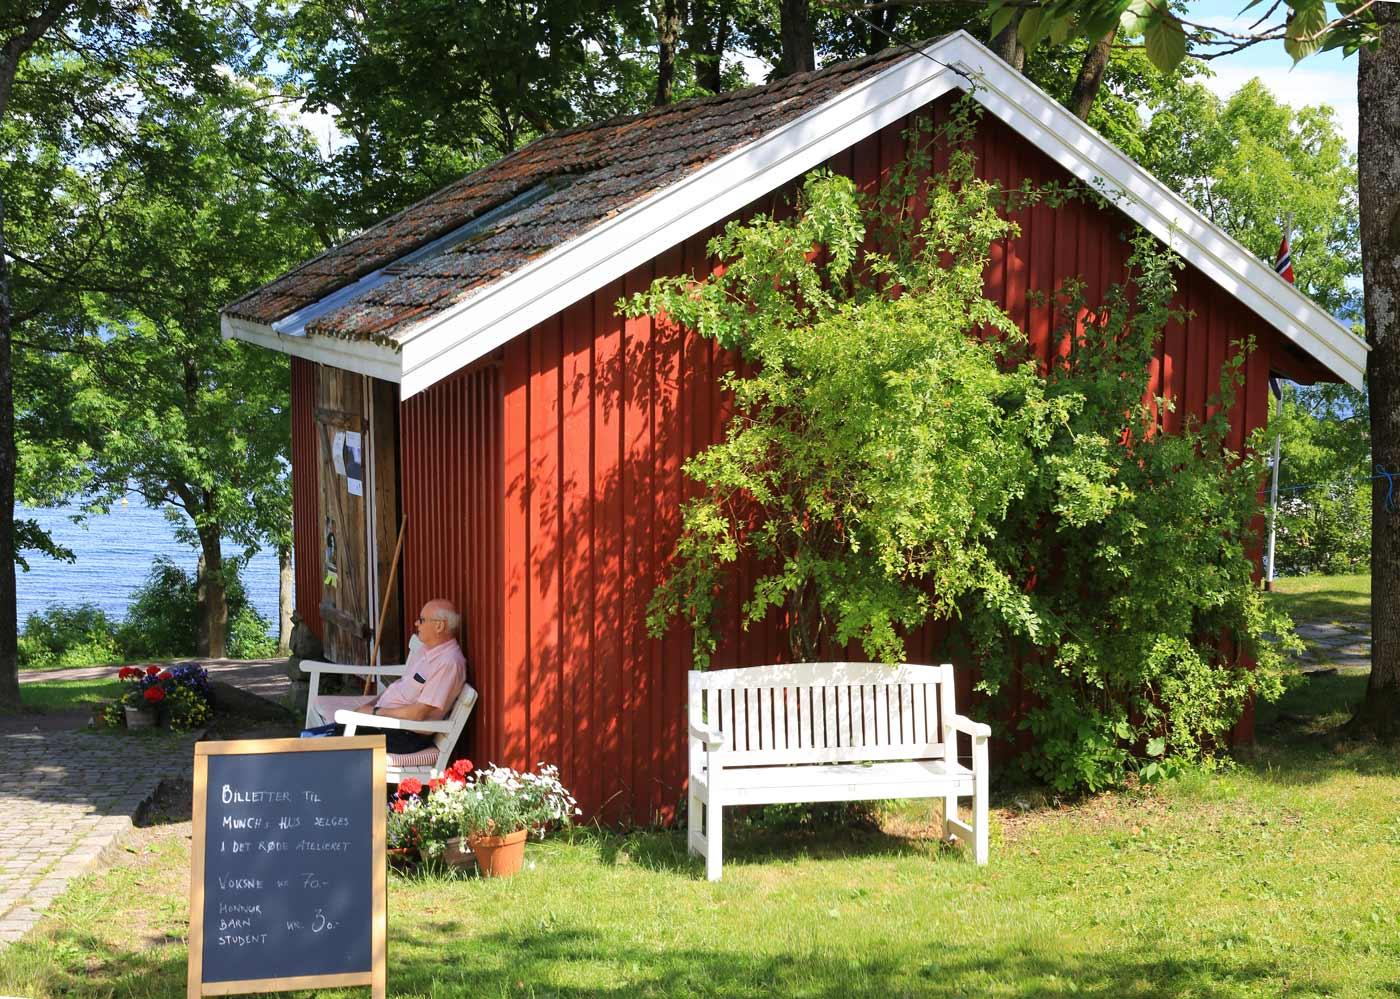 I atelieret som ligger ved siden av Munchs Hus kan du kjøpe billetter til omvisning i Munchs hus samt kunst.